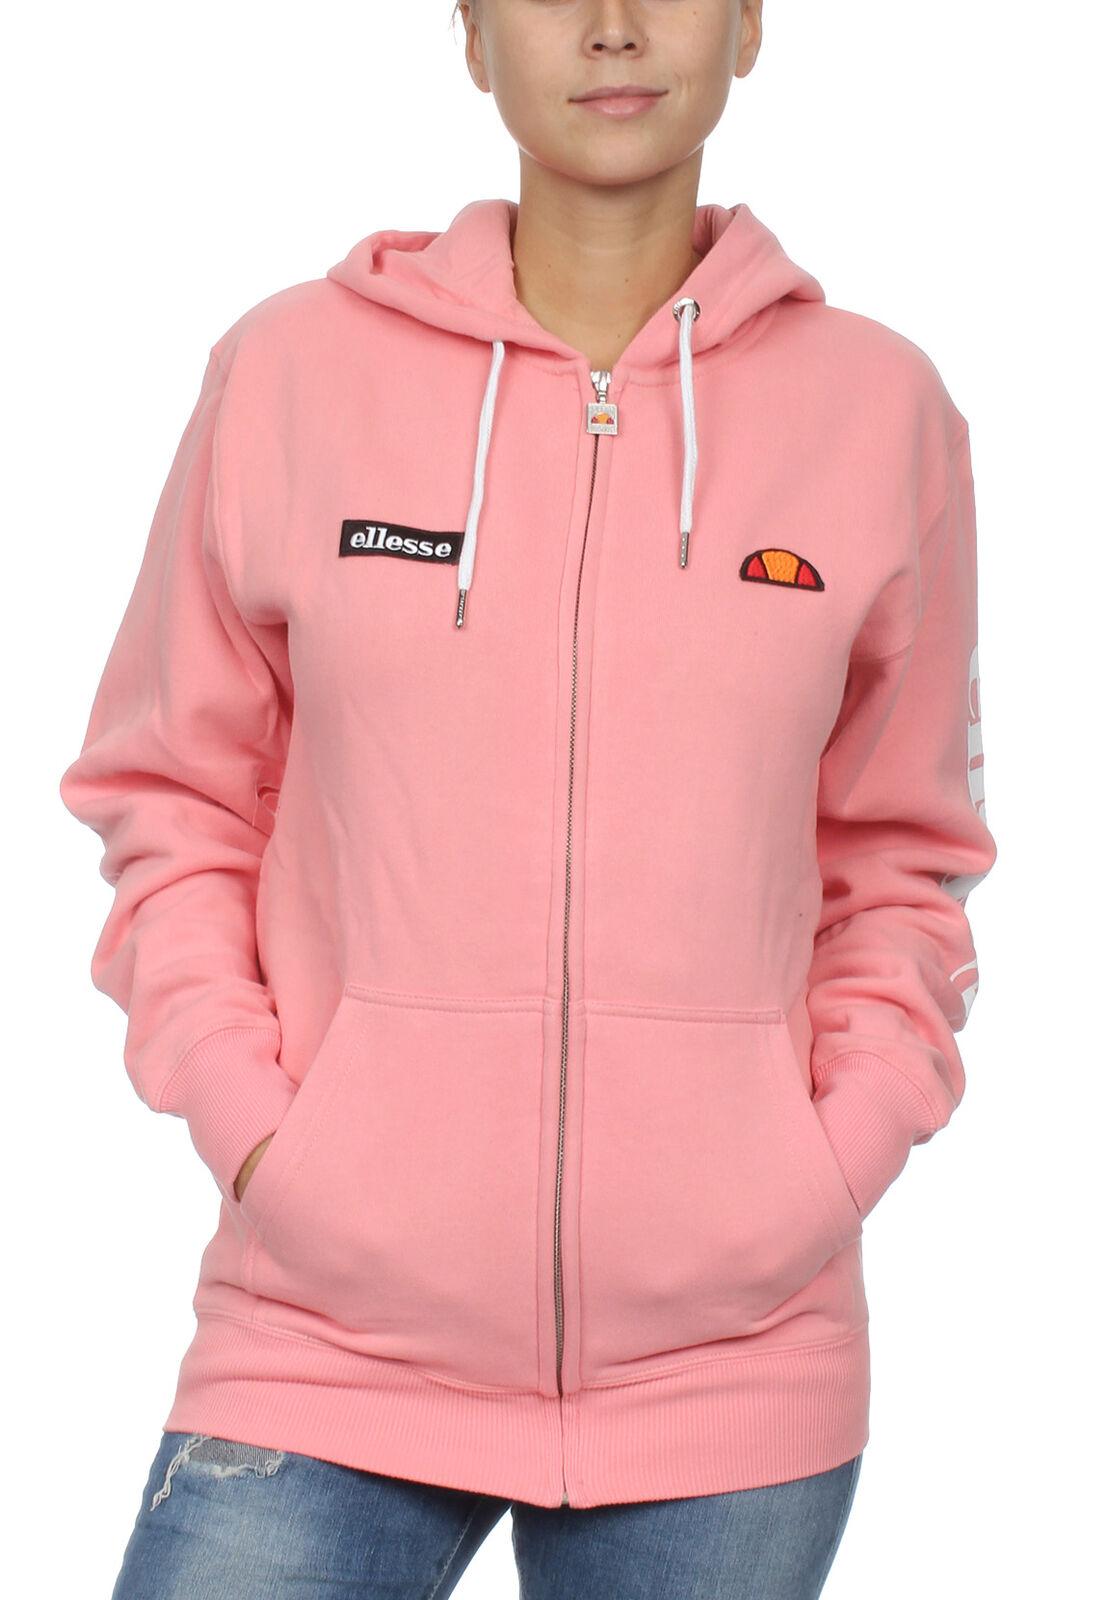 Ellesse Hoody Zipper Ladies Serinata Fz Hoodie Pink Soft Pink